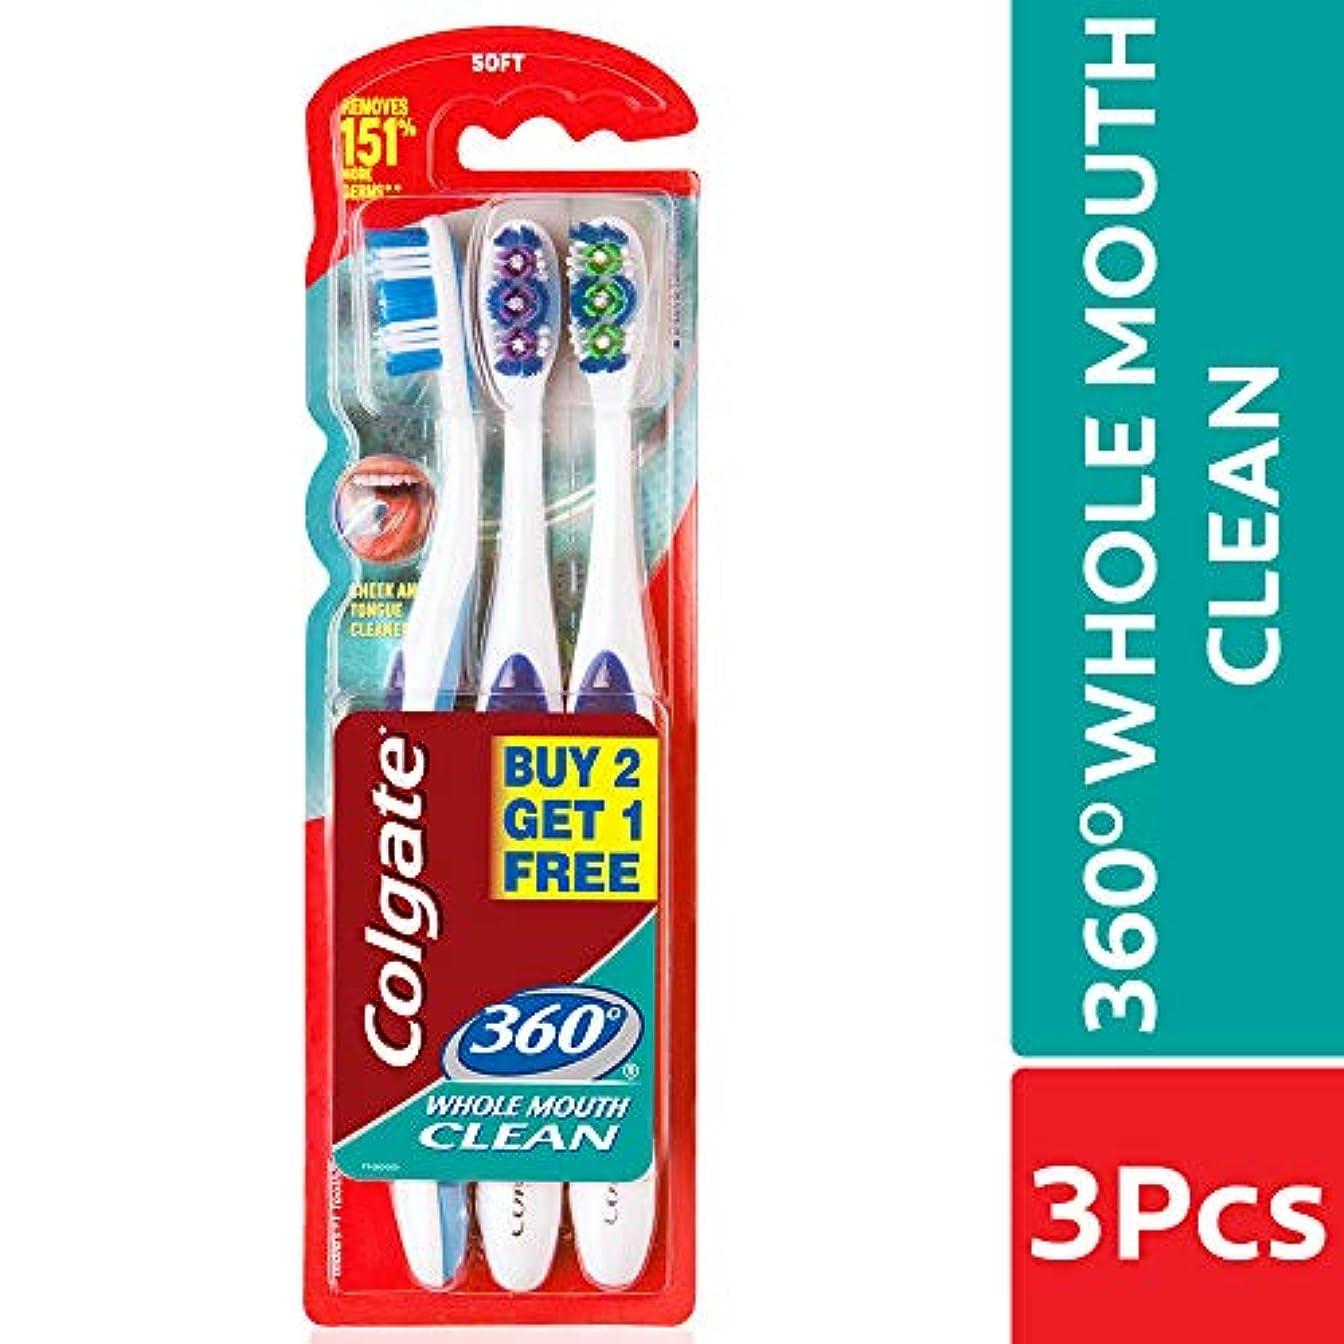 旅客舌タイプライターColgate 360 whole mouth clean (MEDIUM) toothbrush (3pc pack)